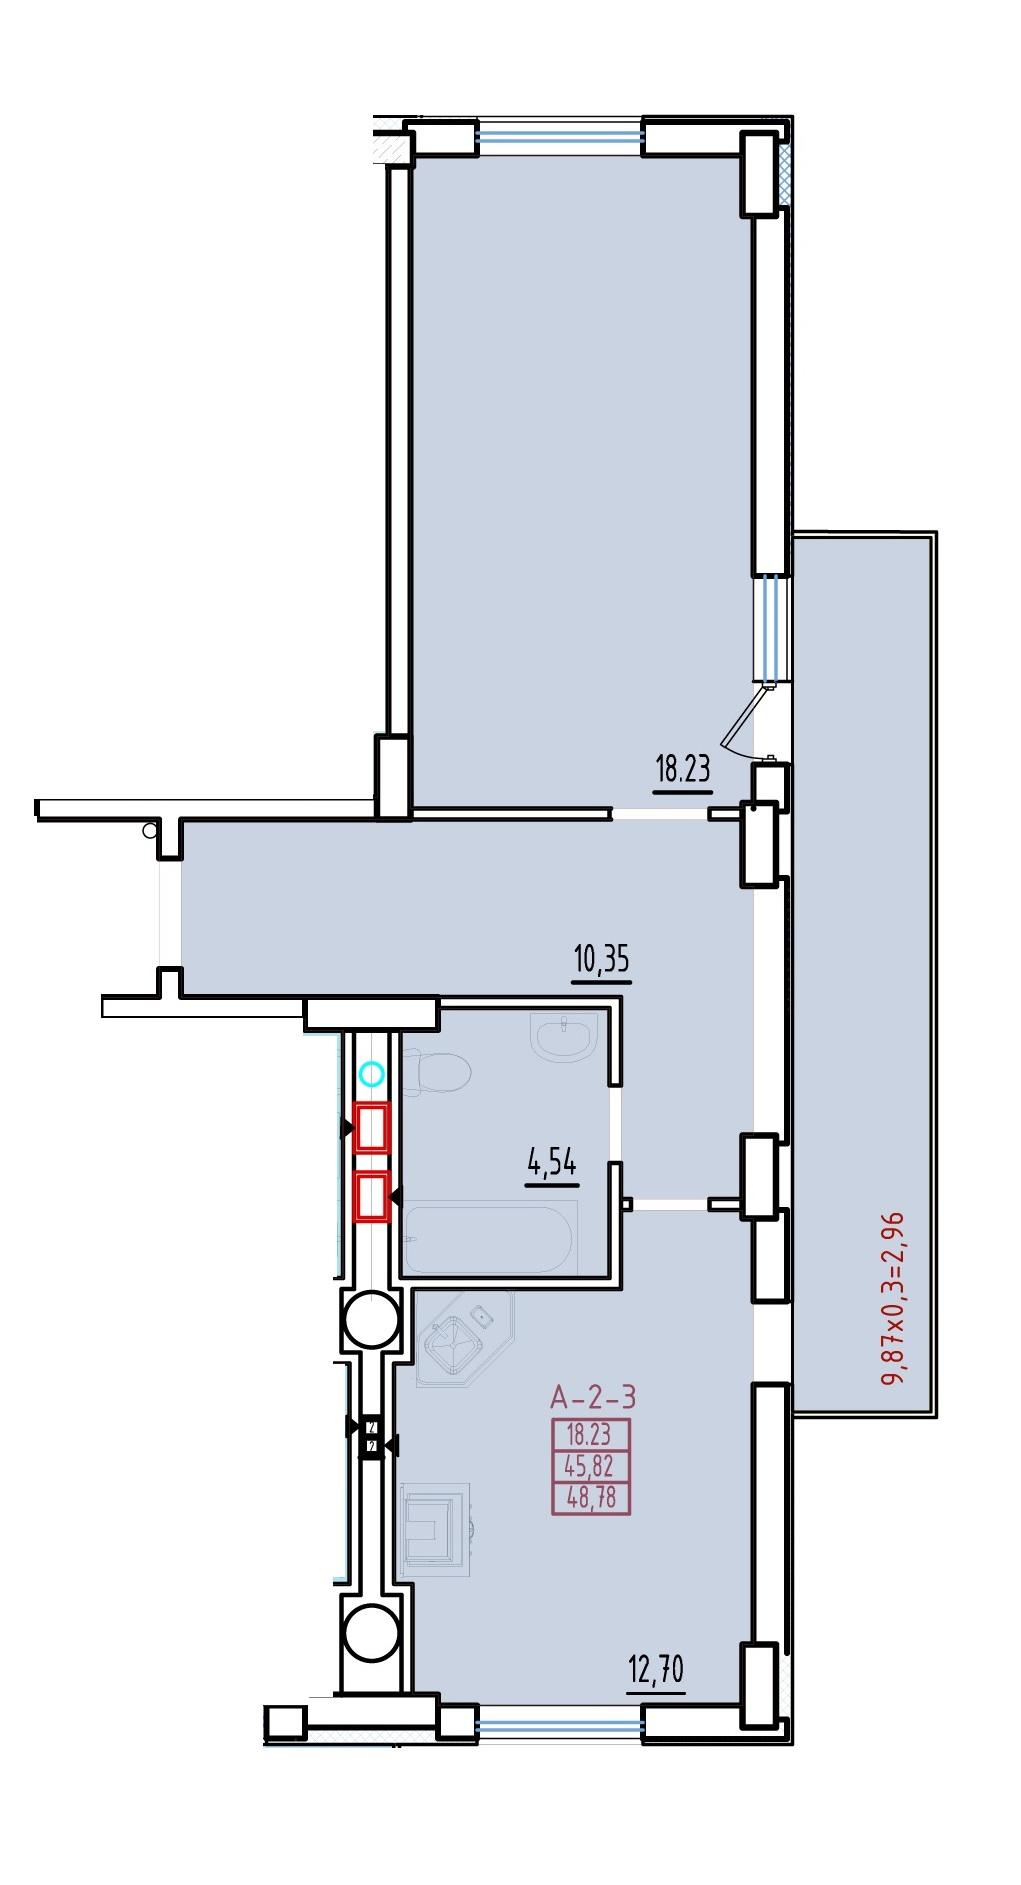 Однокомнатная - ЖК Континент$41085Площадь:49,5m²